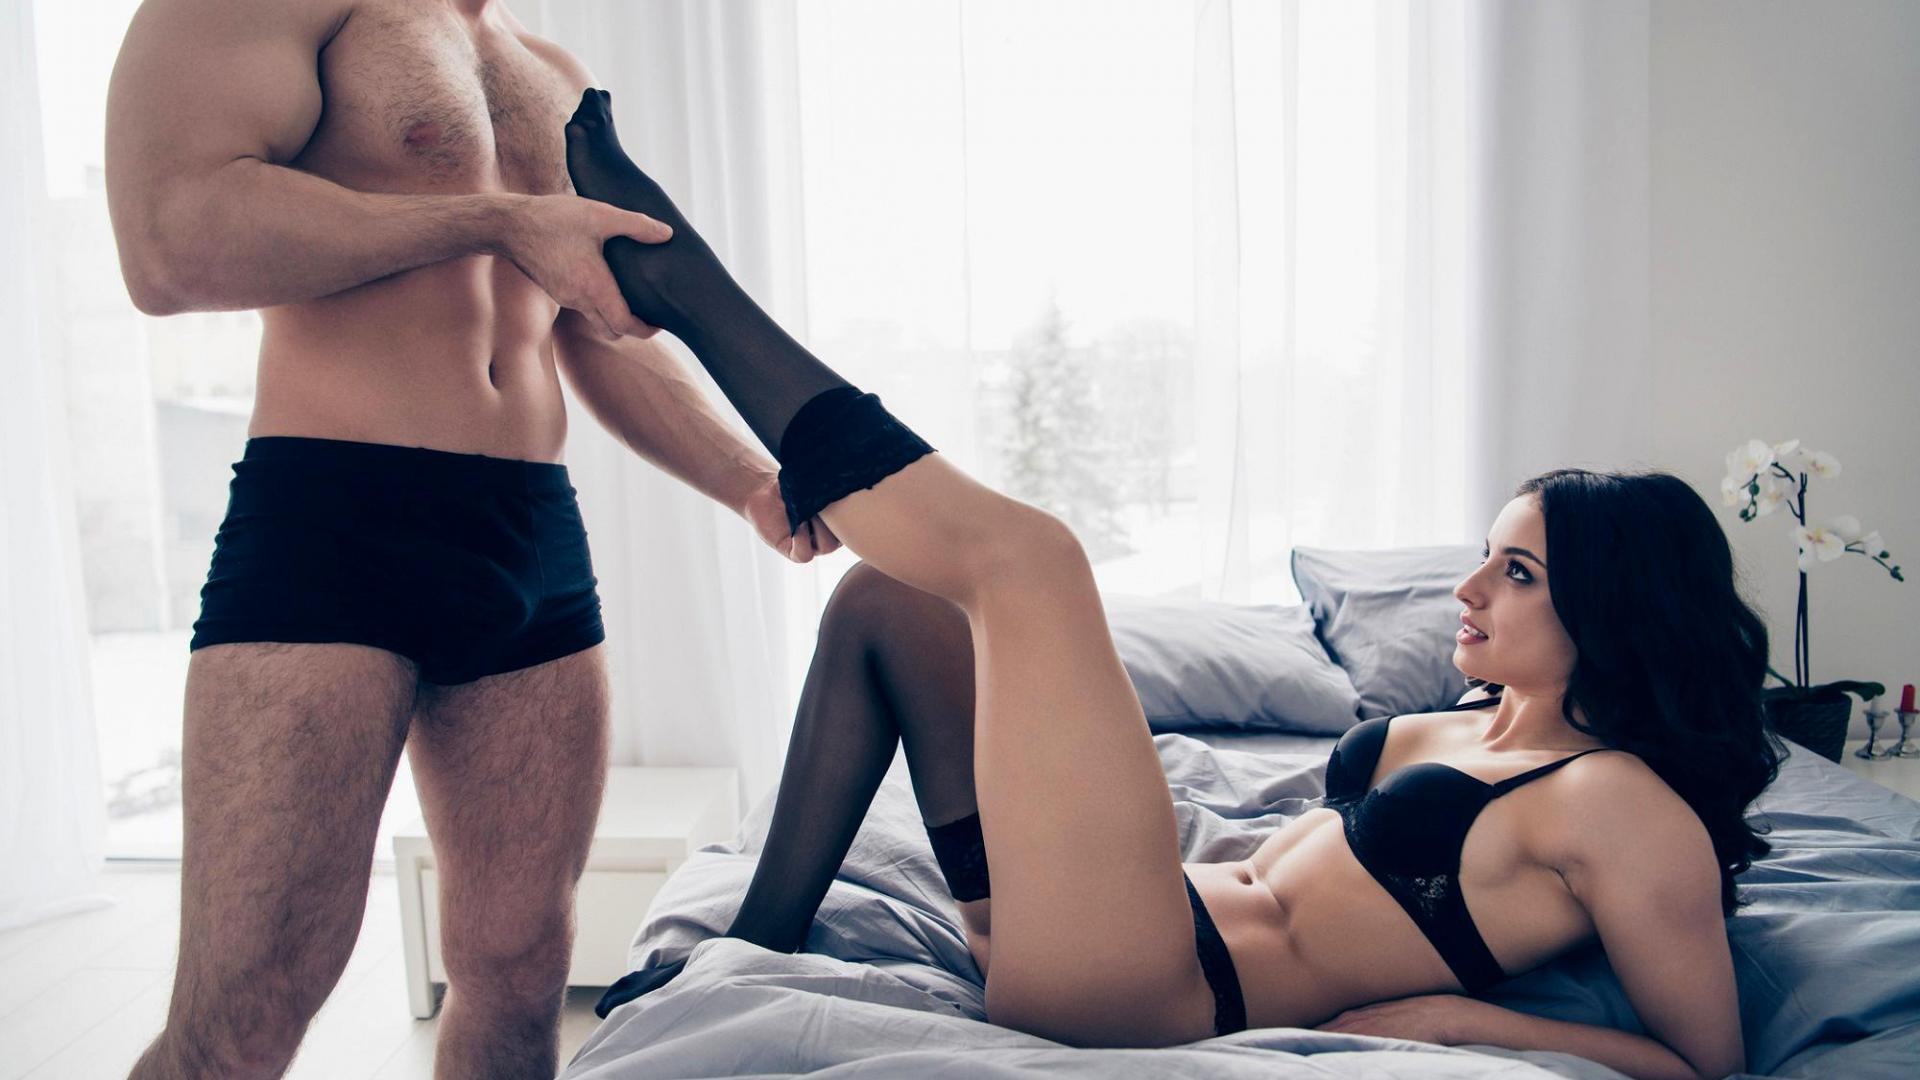 Schmutziger Sex: Wo sind die Grenzen?